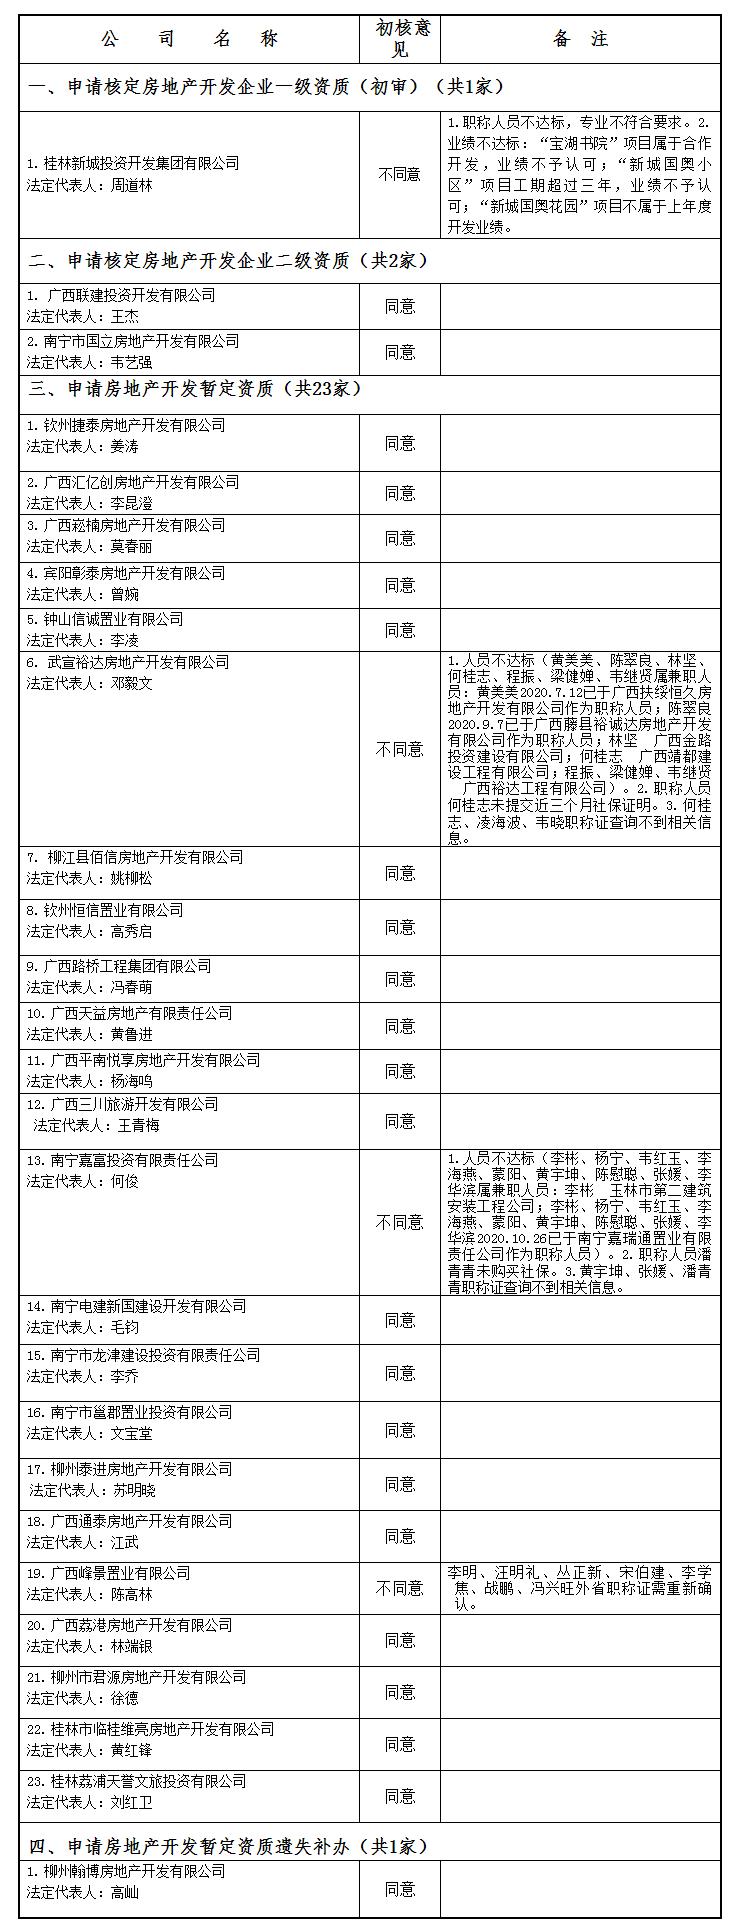 广西建设网--_关于公布2021年第03批房地产企业资质(资格)结果的公告(第1885号).png